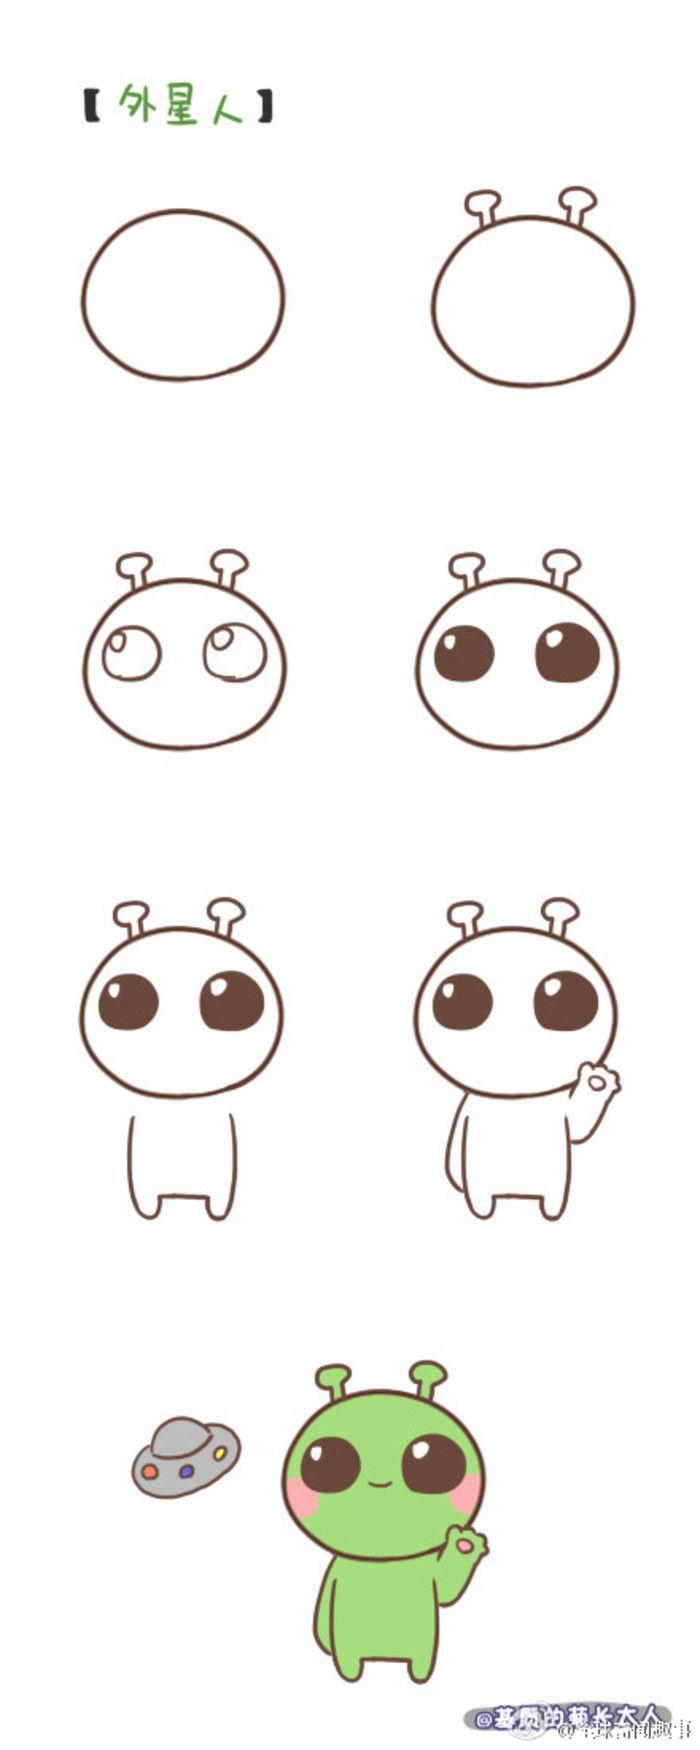 Le enseñará a dibujar un círculo grupo permanecer Meng animales pequeños, mantienen los cursos de auto-estudio elaboran ~ Shu